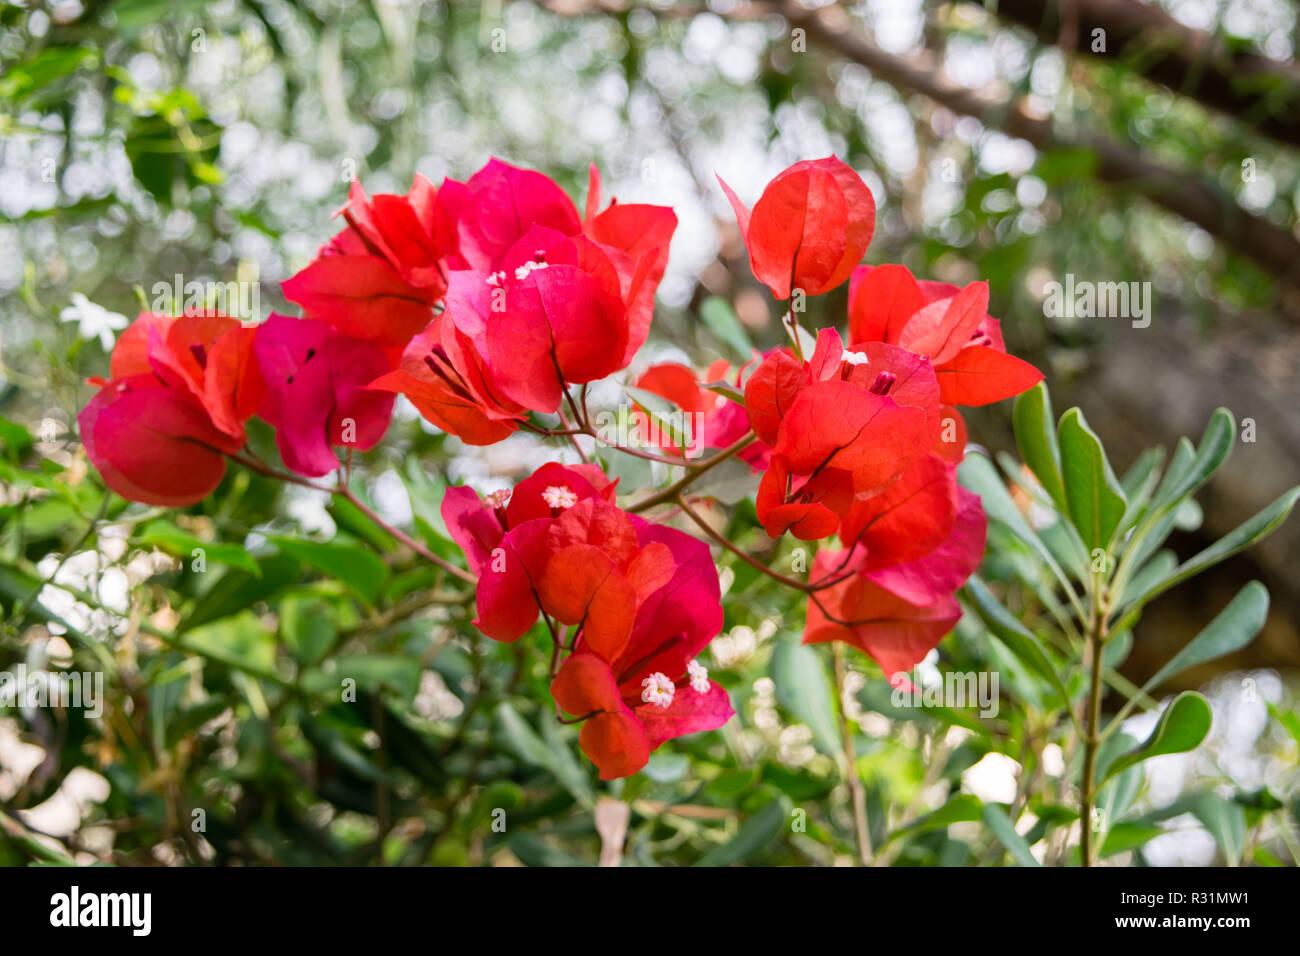 bougainvillier fleur rose espagnol, espagne banque d'images, photo